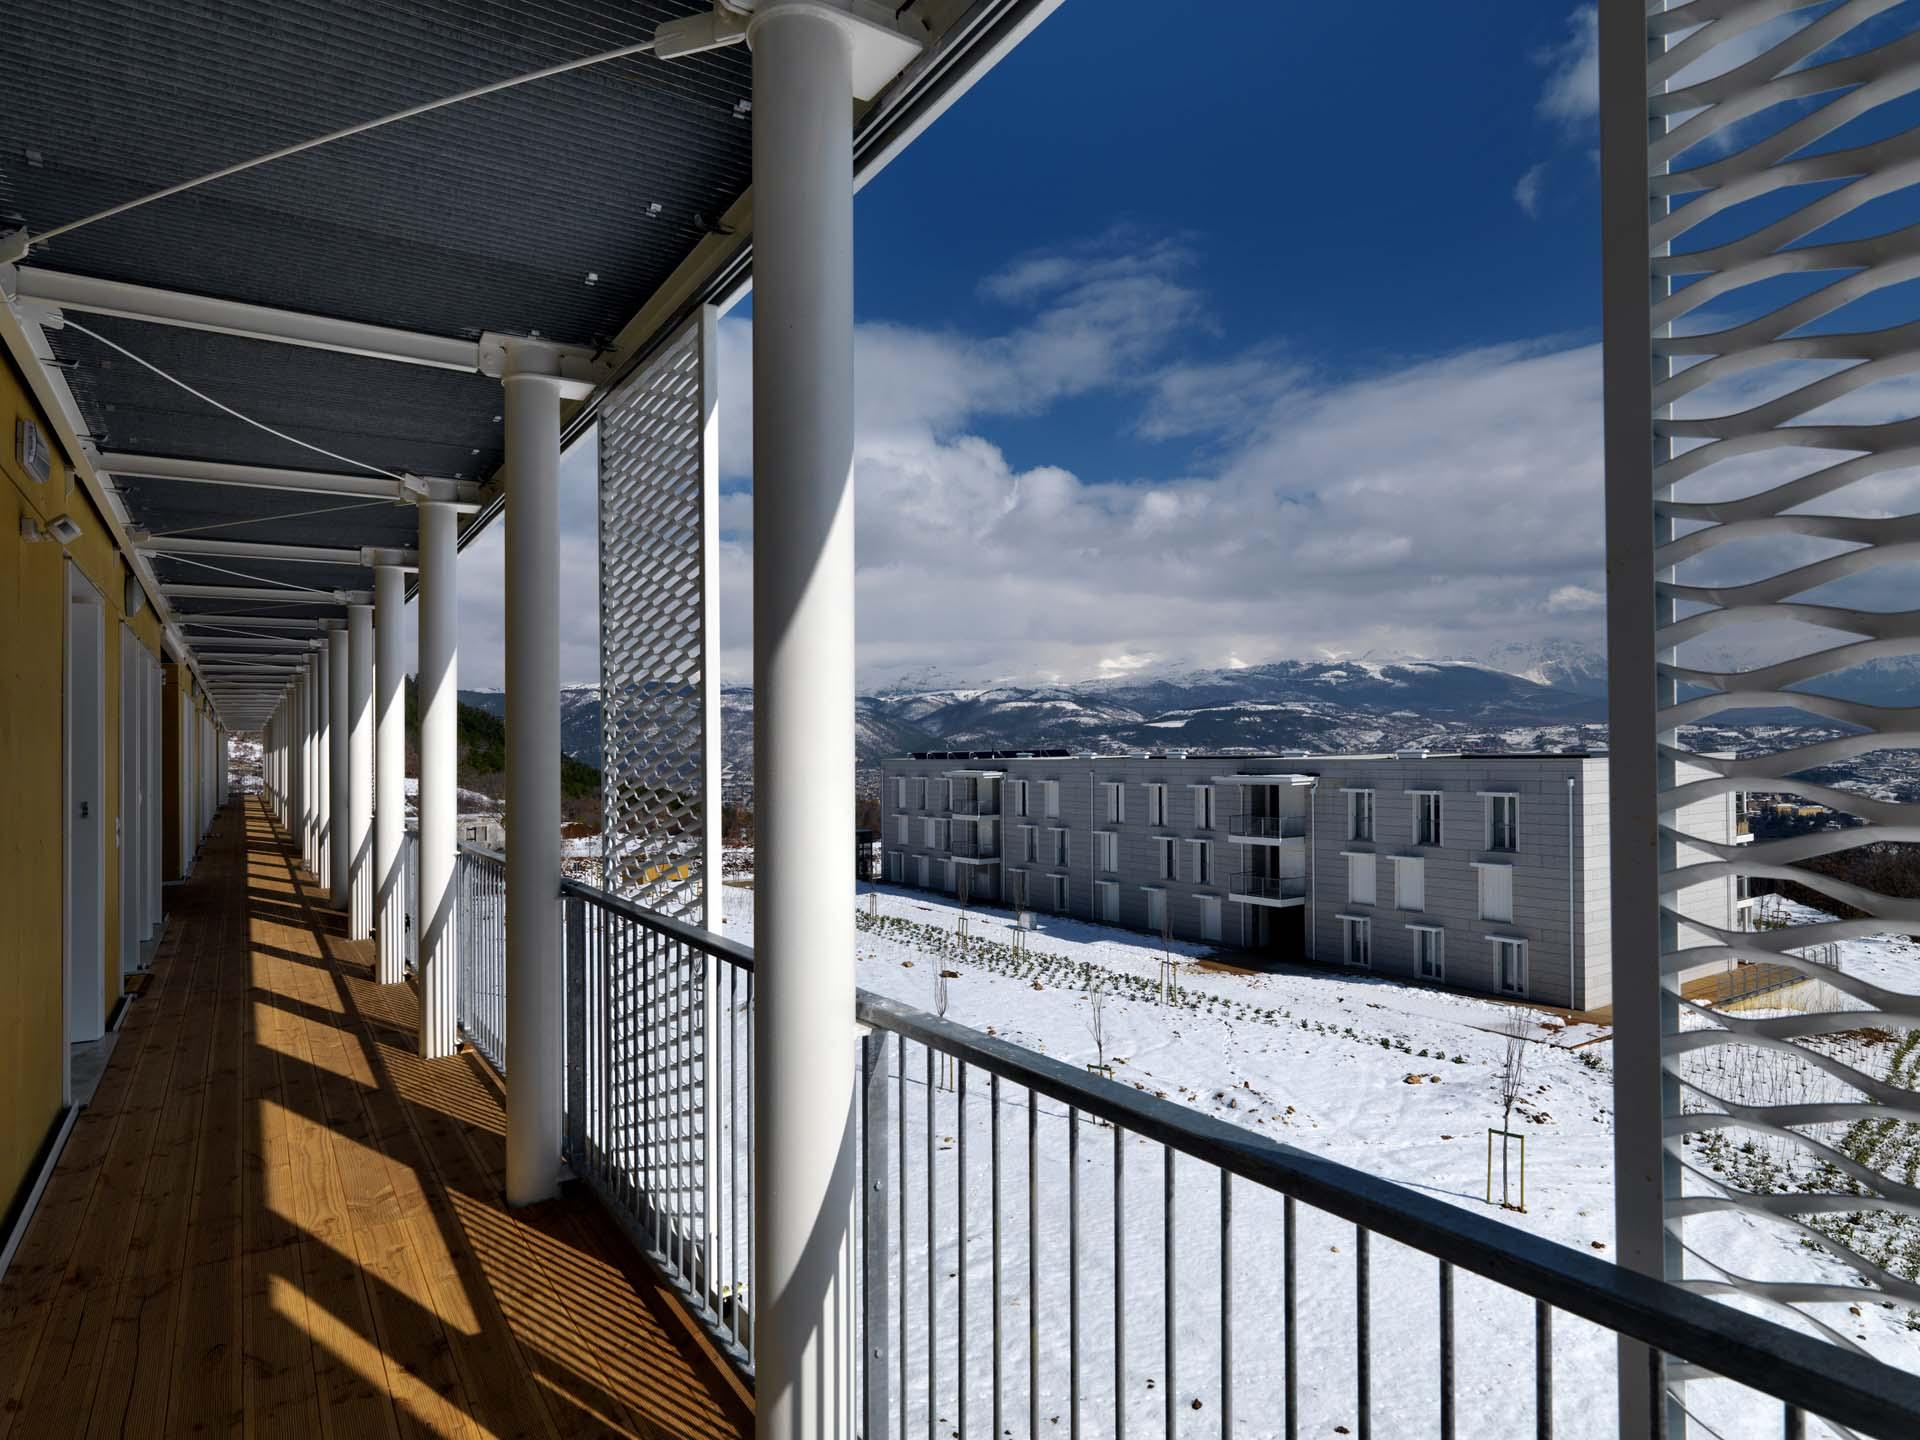 Estructuras receptivas casas de madera ille calidad y - Construccion de bungalows ...